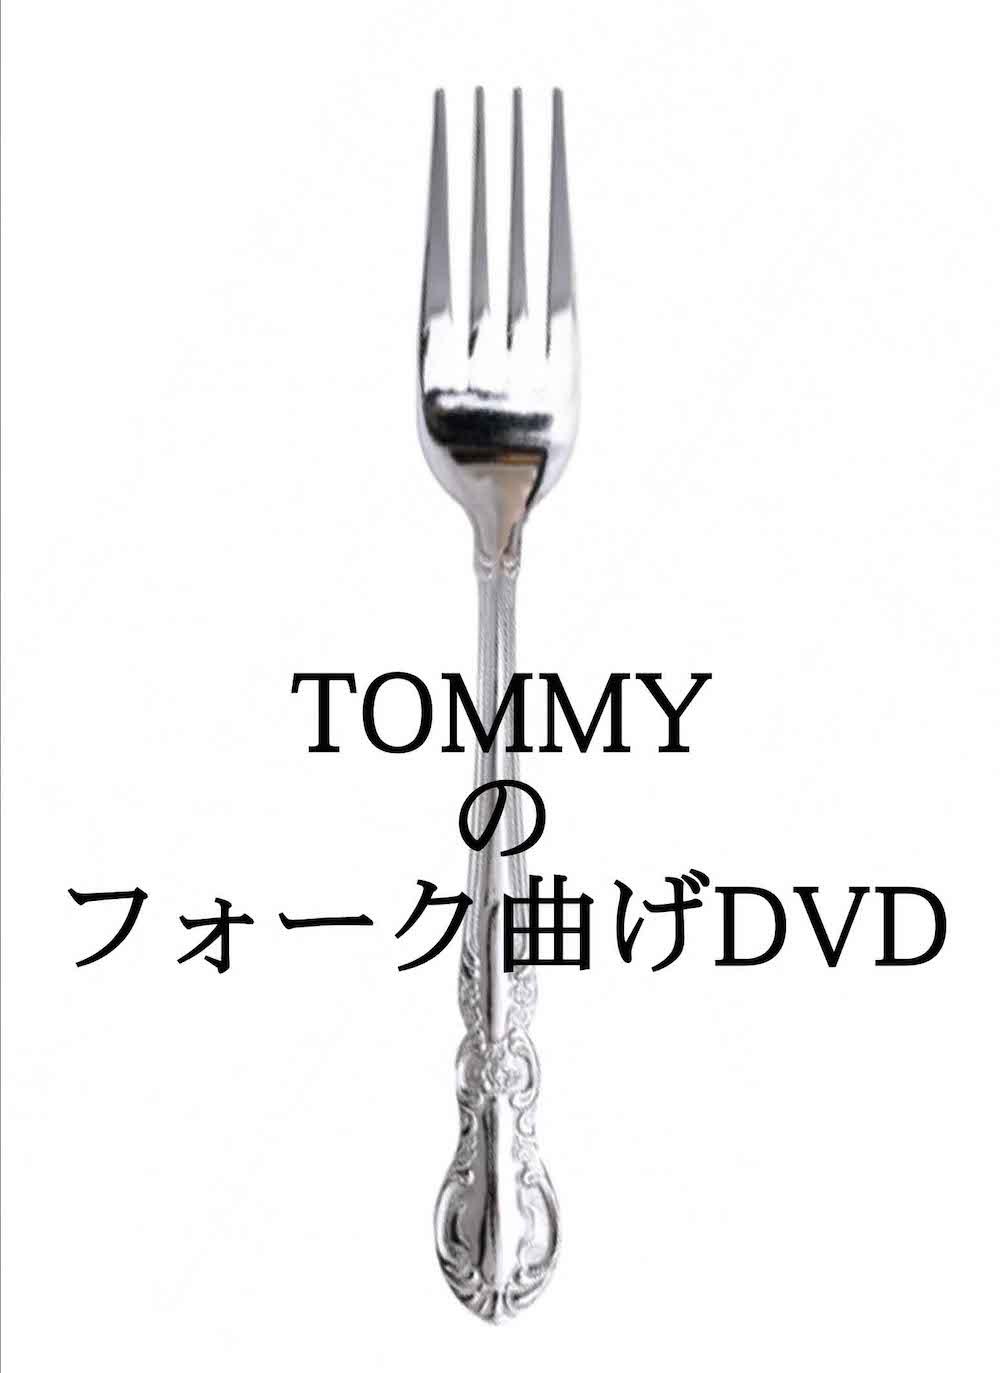 TOMMYのフォーク曲げDVD